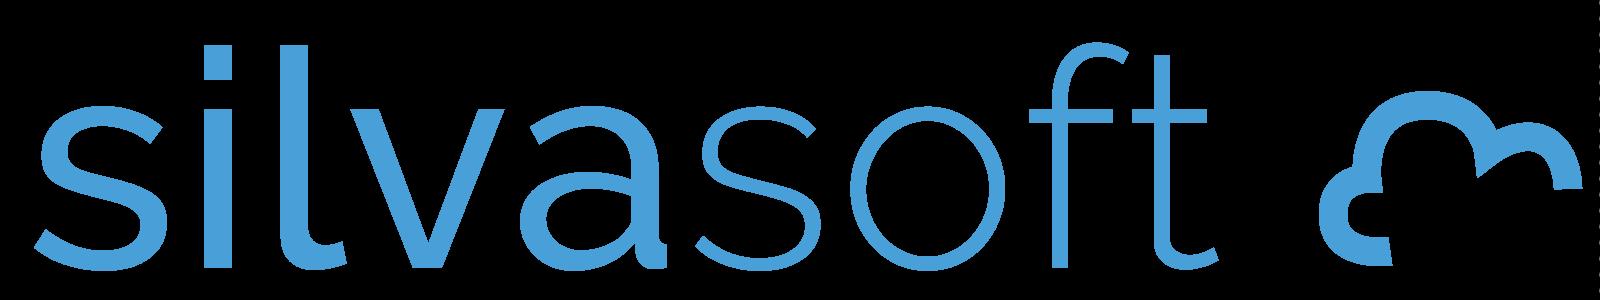 Online Relatiebeheer Logo